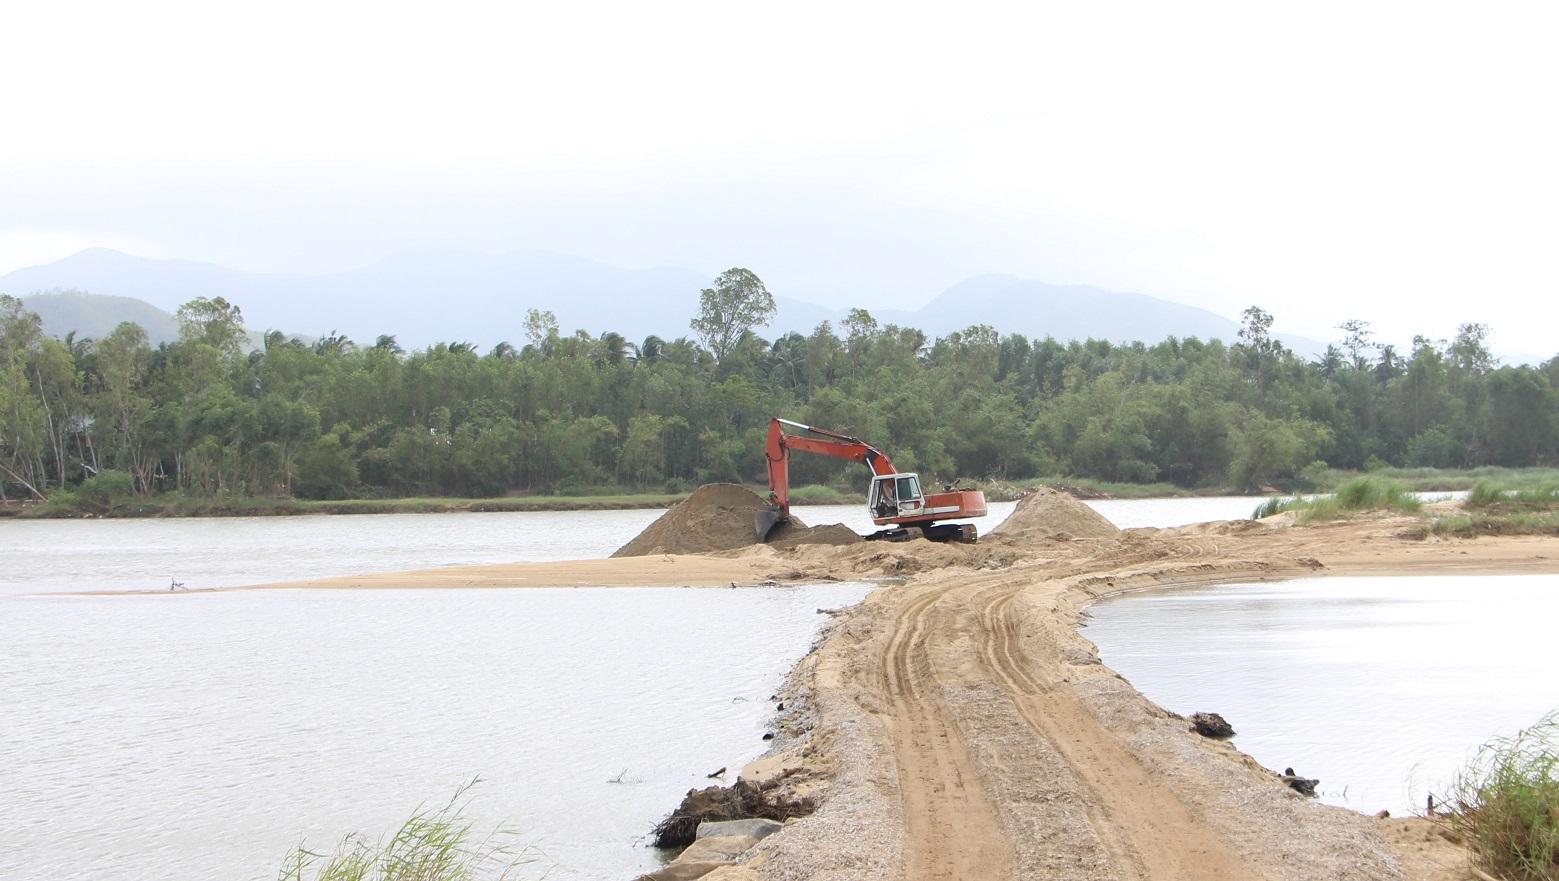 Trong thời gian cấm khai thác nhưng một số doanh nghiệp vẫn ngang nhiên đưa xe ra giữa sông để múc cát